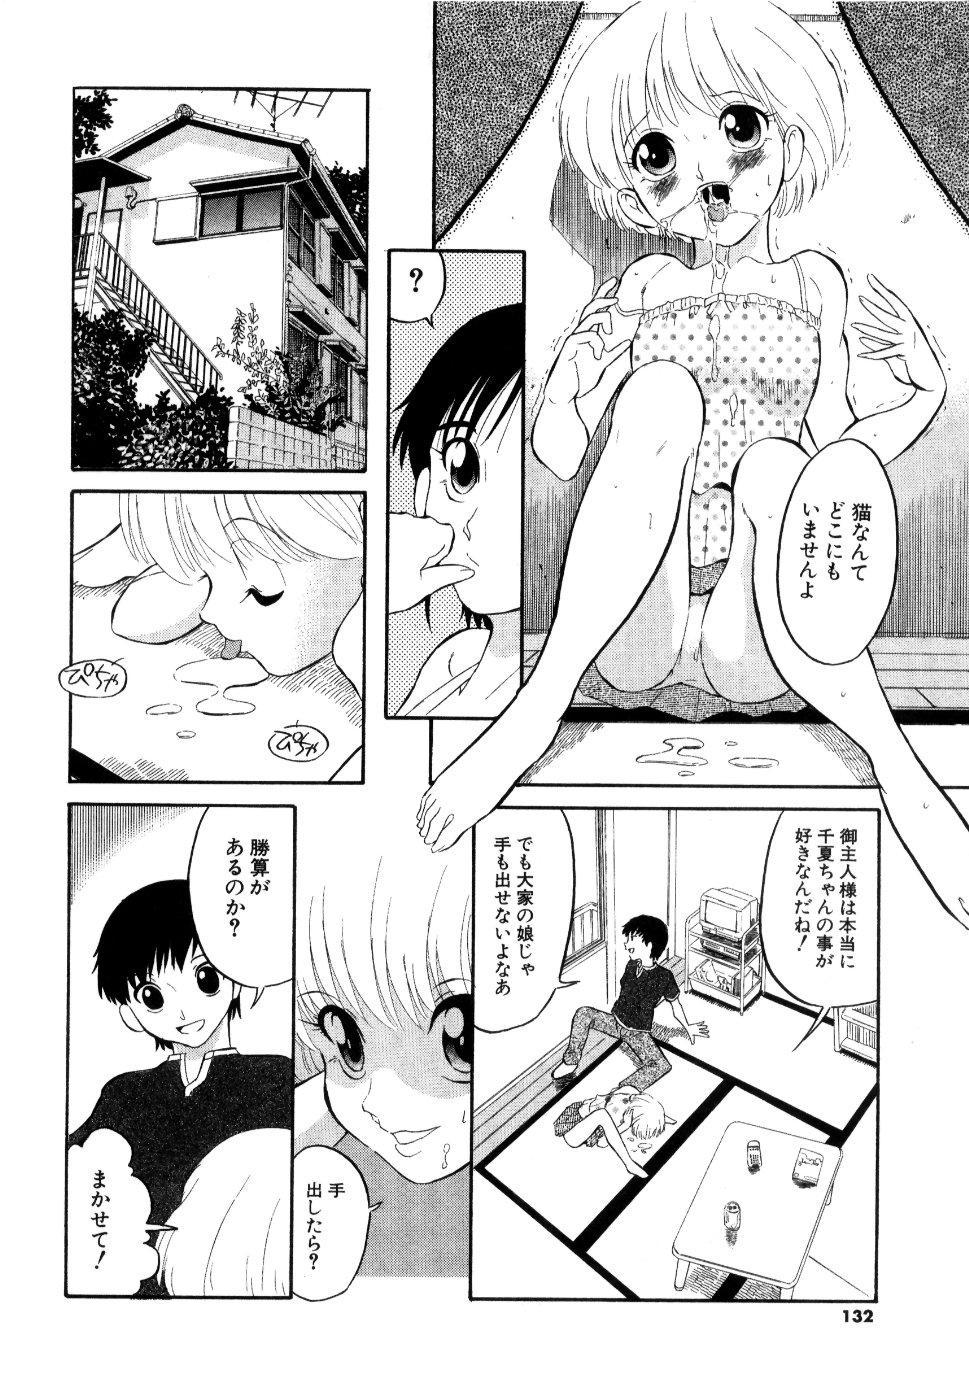 [Dozamura] Doguu -Dozamura Guuwa- Kuro 132